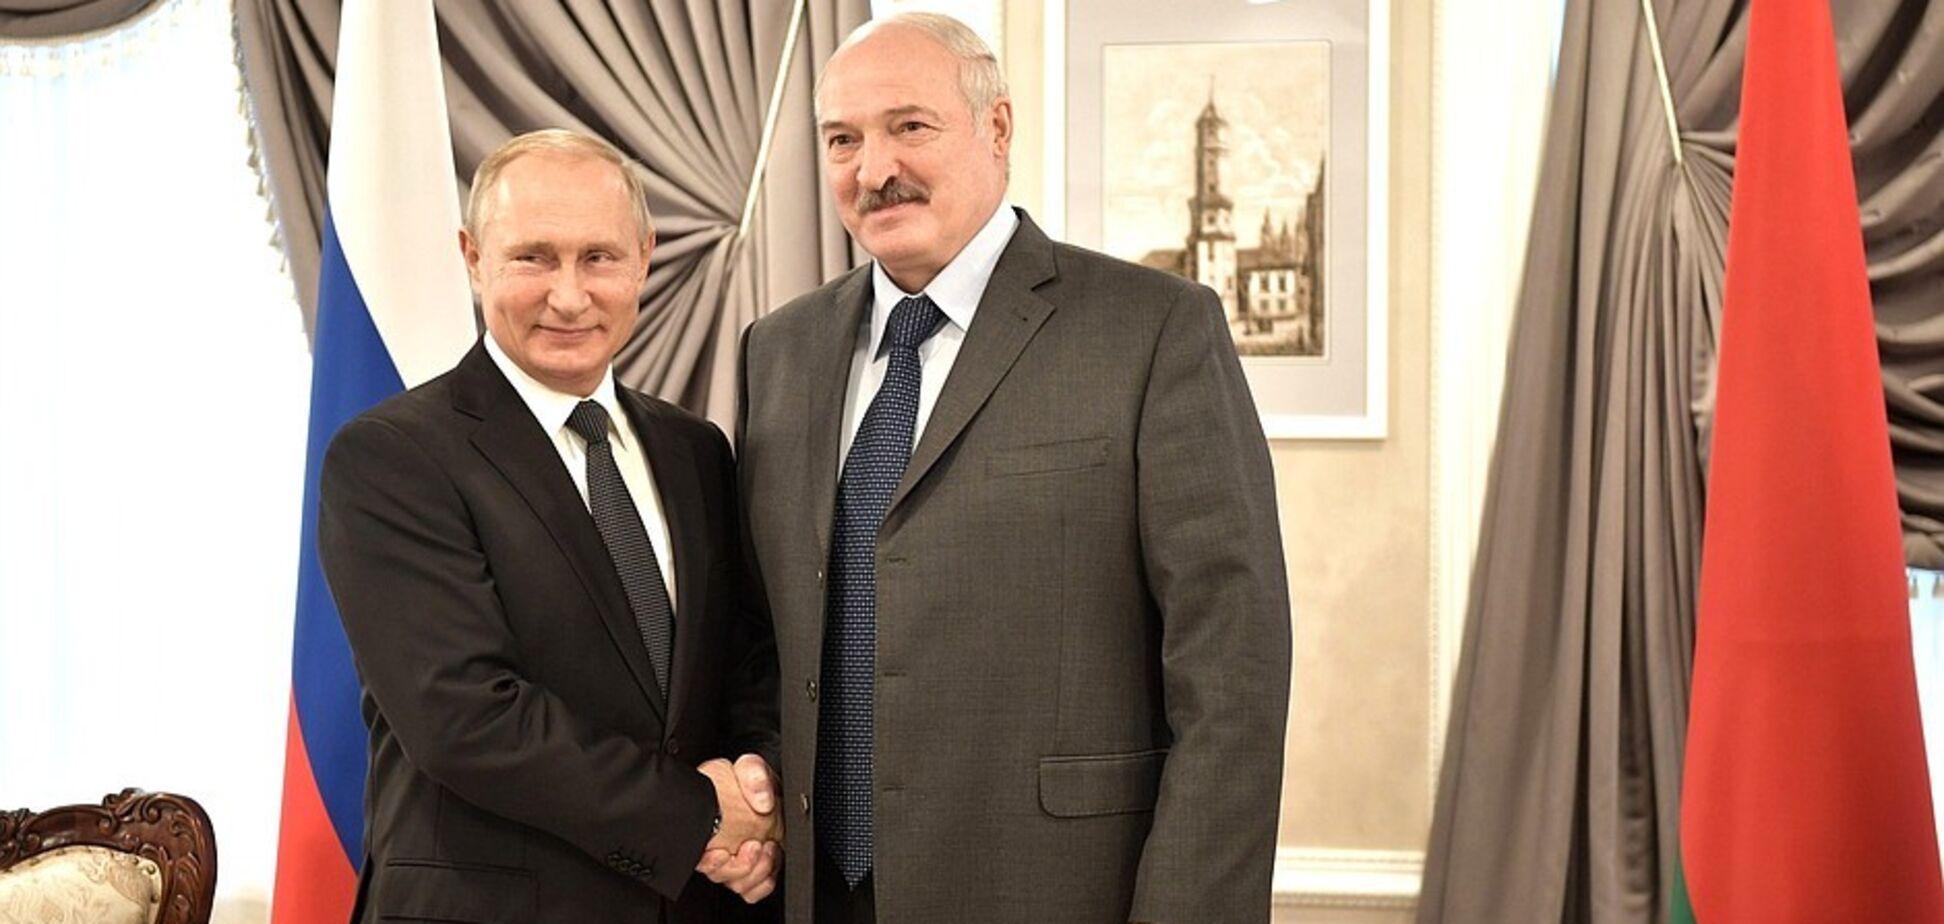 ''Спробує прибрати Лукашенка'': розкриті плани Путіна на Білорусь